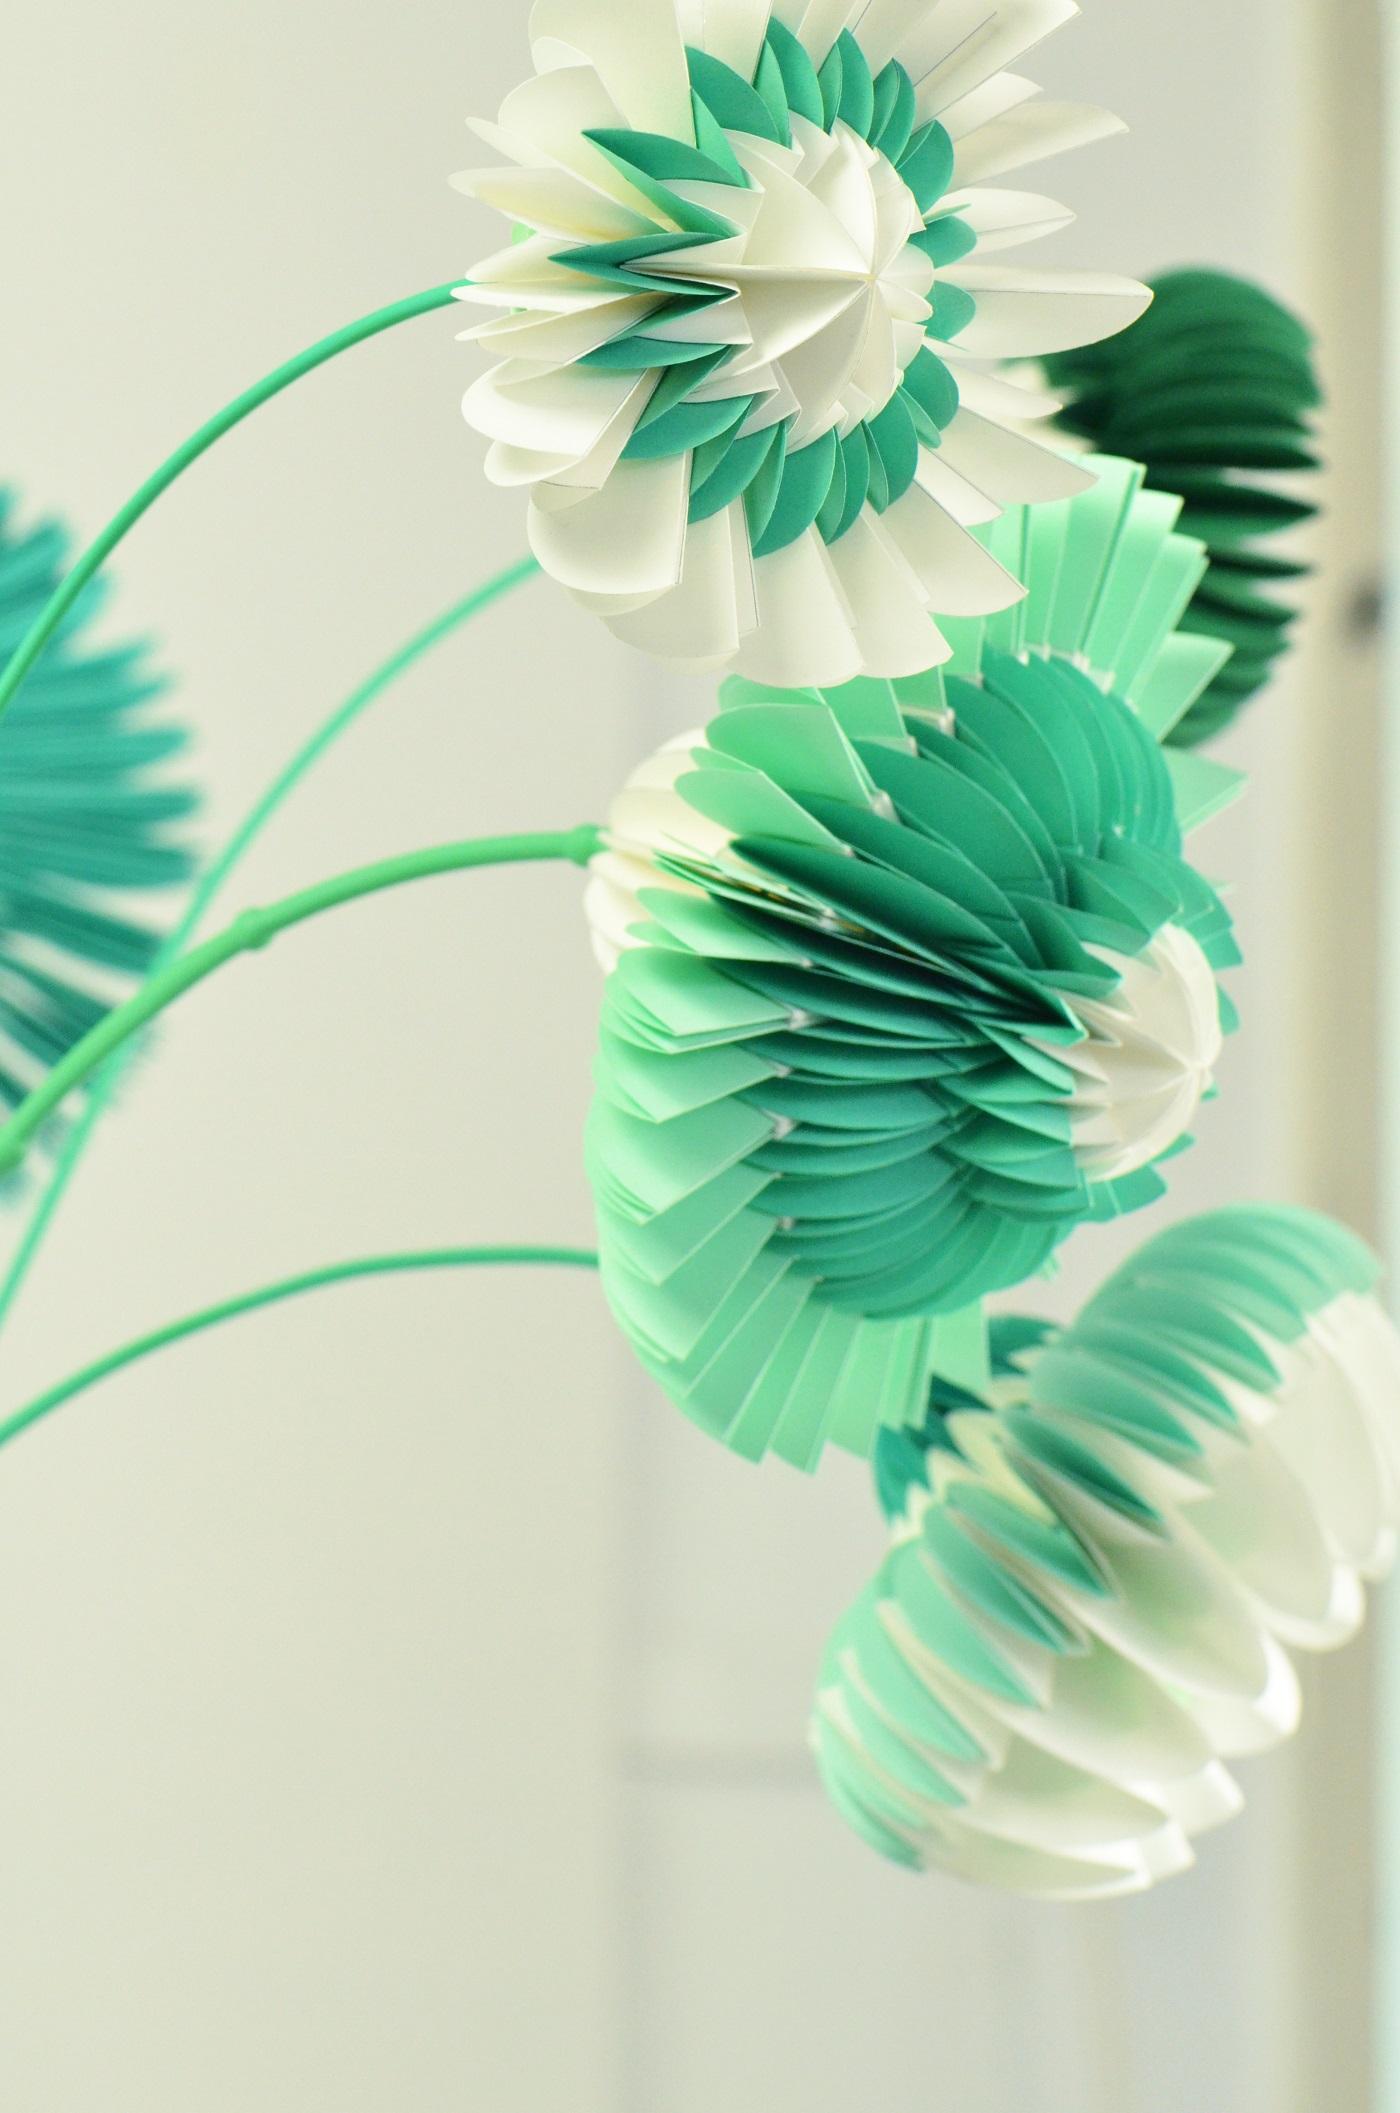 Paperflowers groen van Jorine Oosterhoff